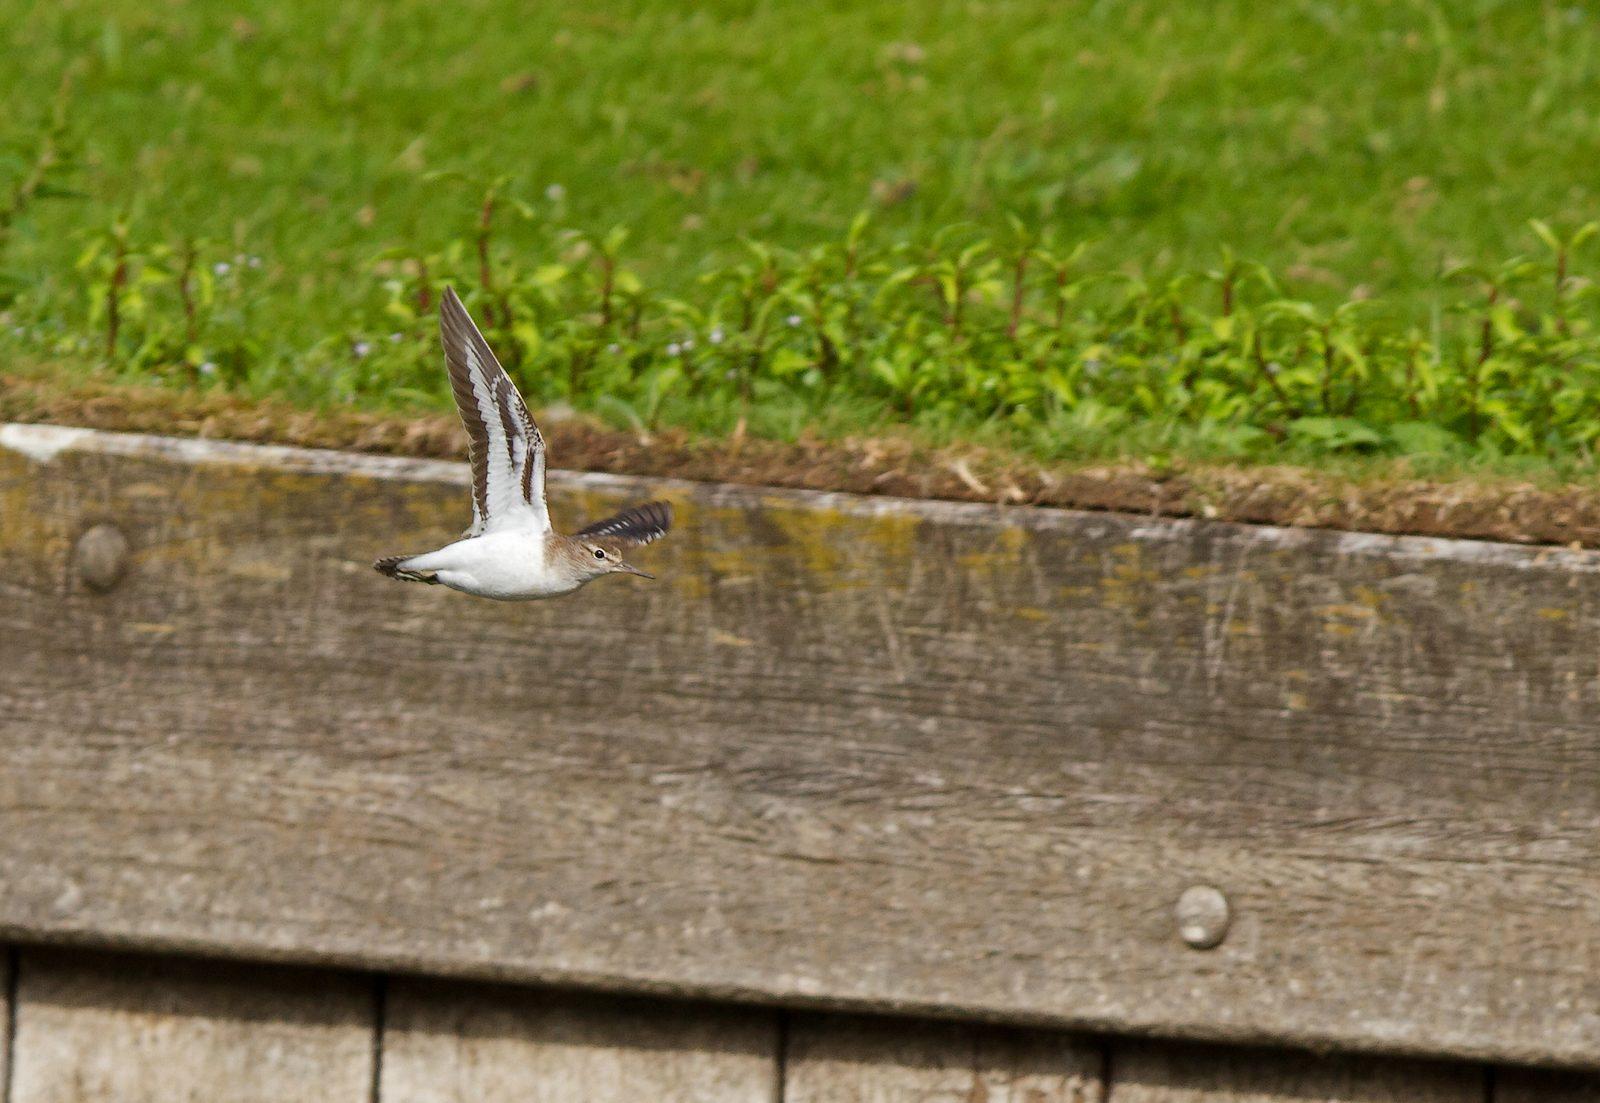 Pêche aux étangs de Tervuren (photos) 1208170417175685110218802